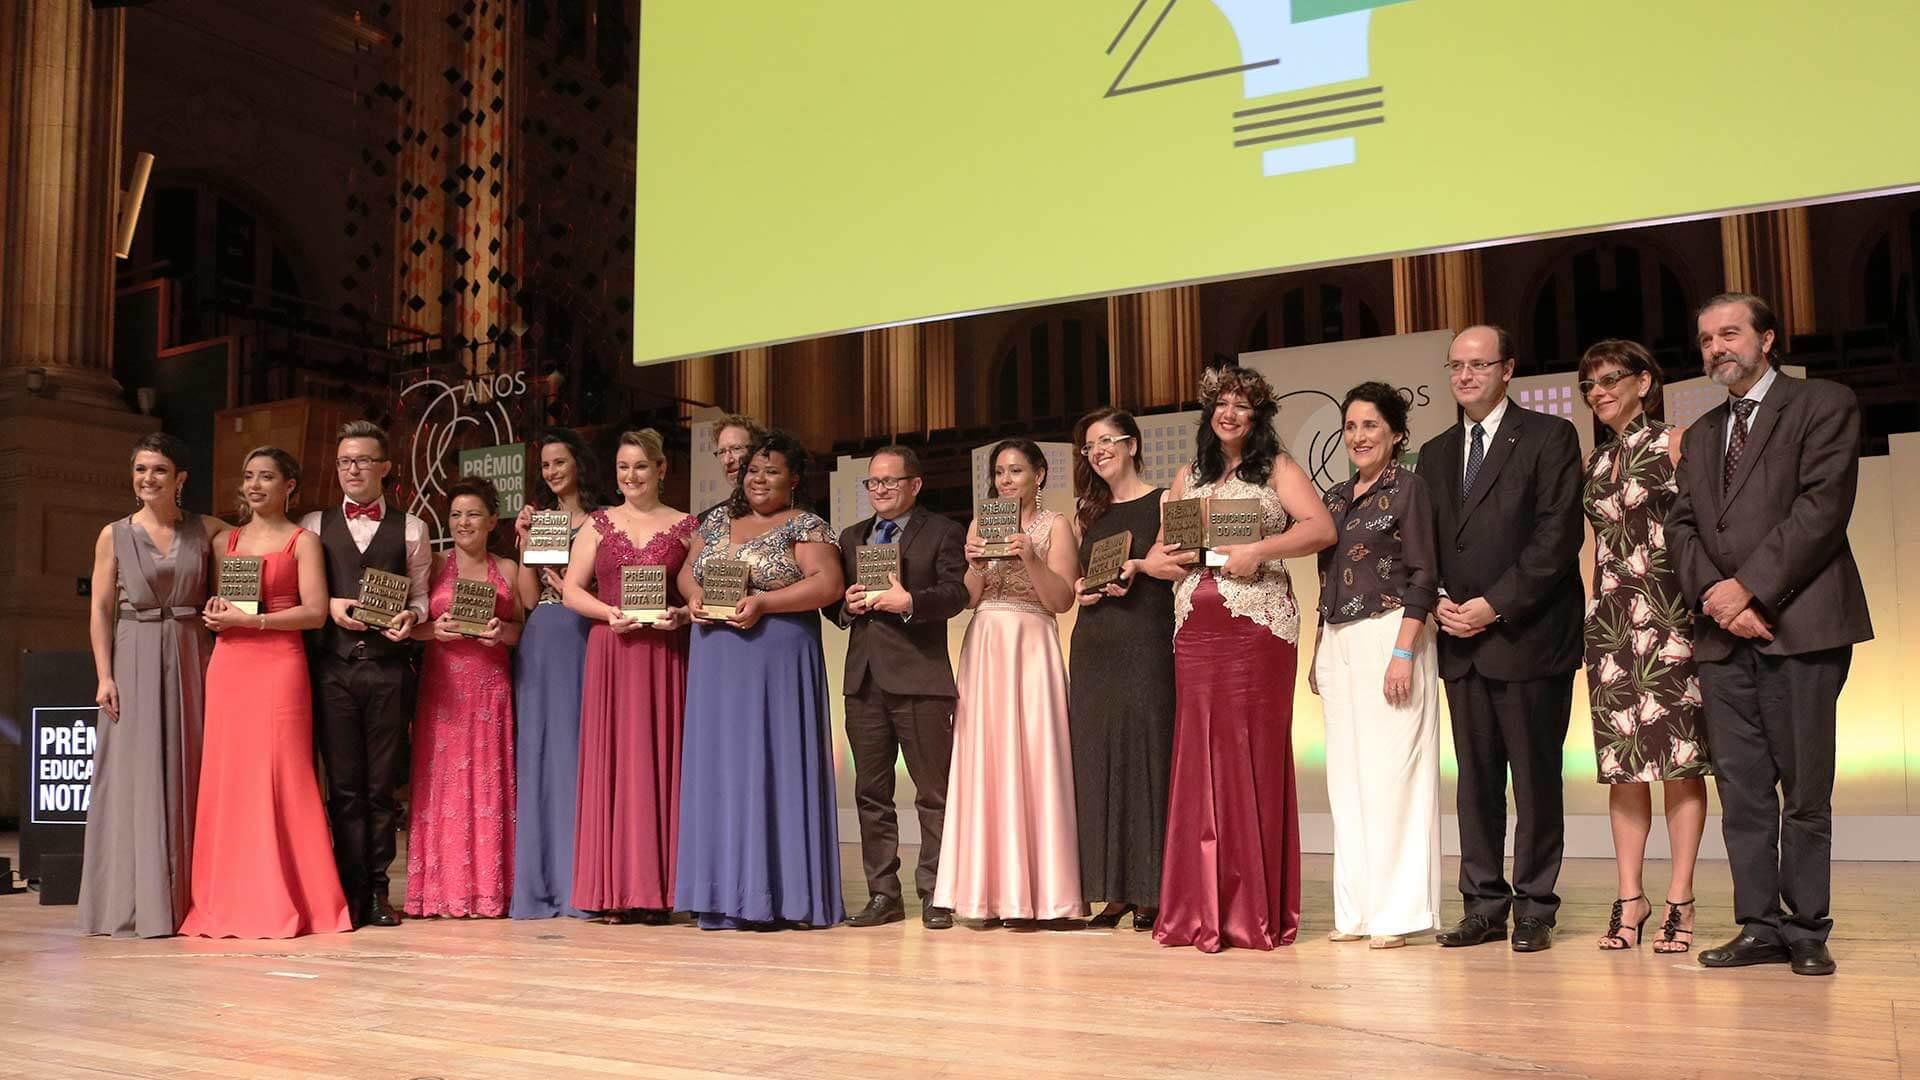 Educador Nota 10 2017: vitória da diversidade